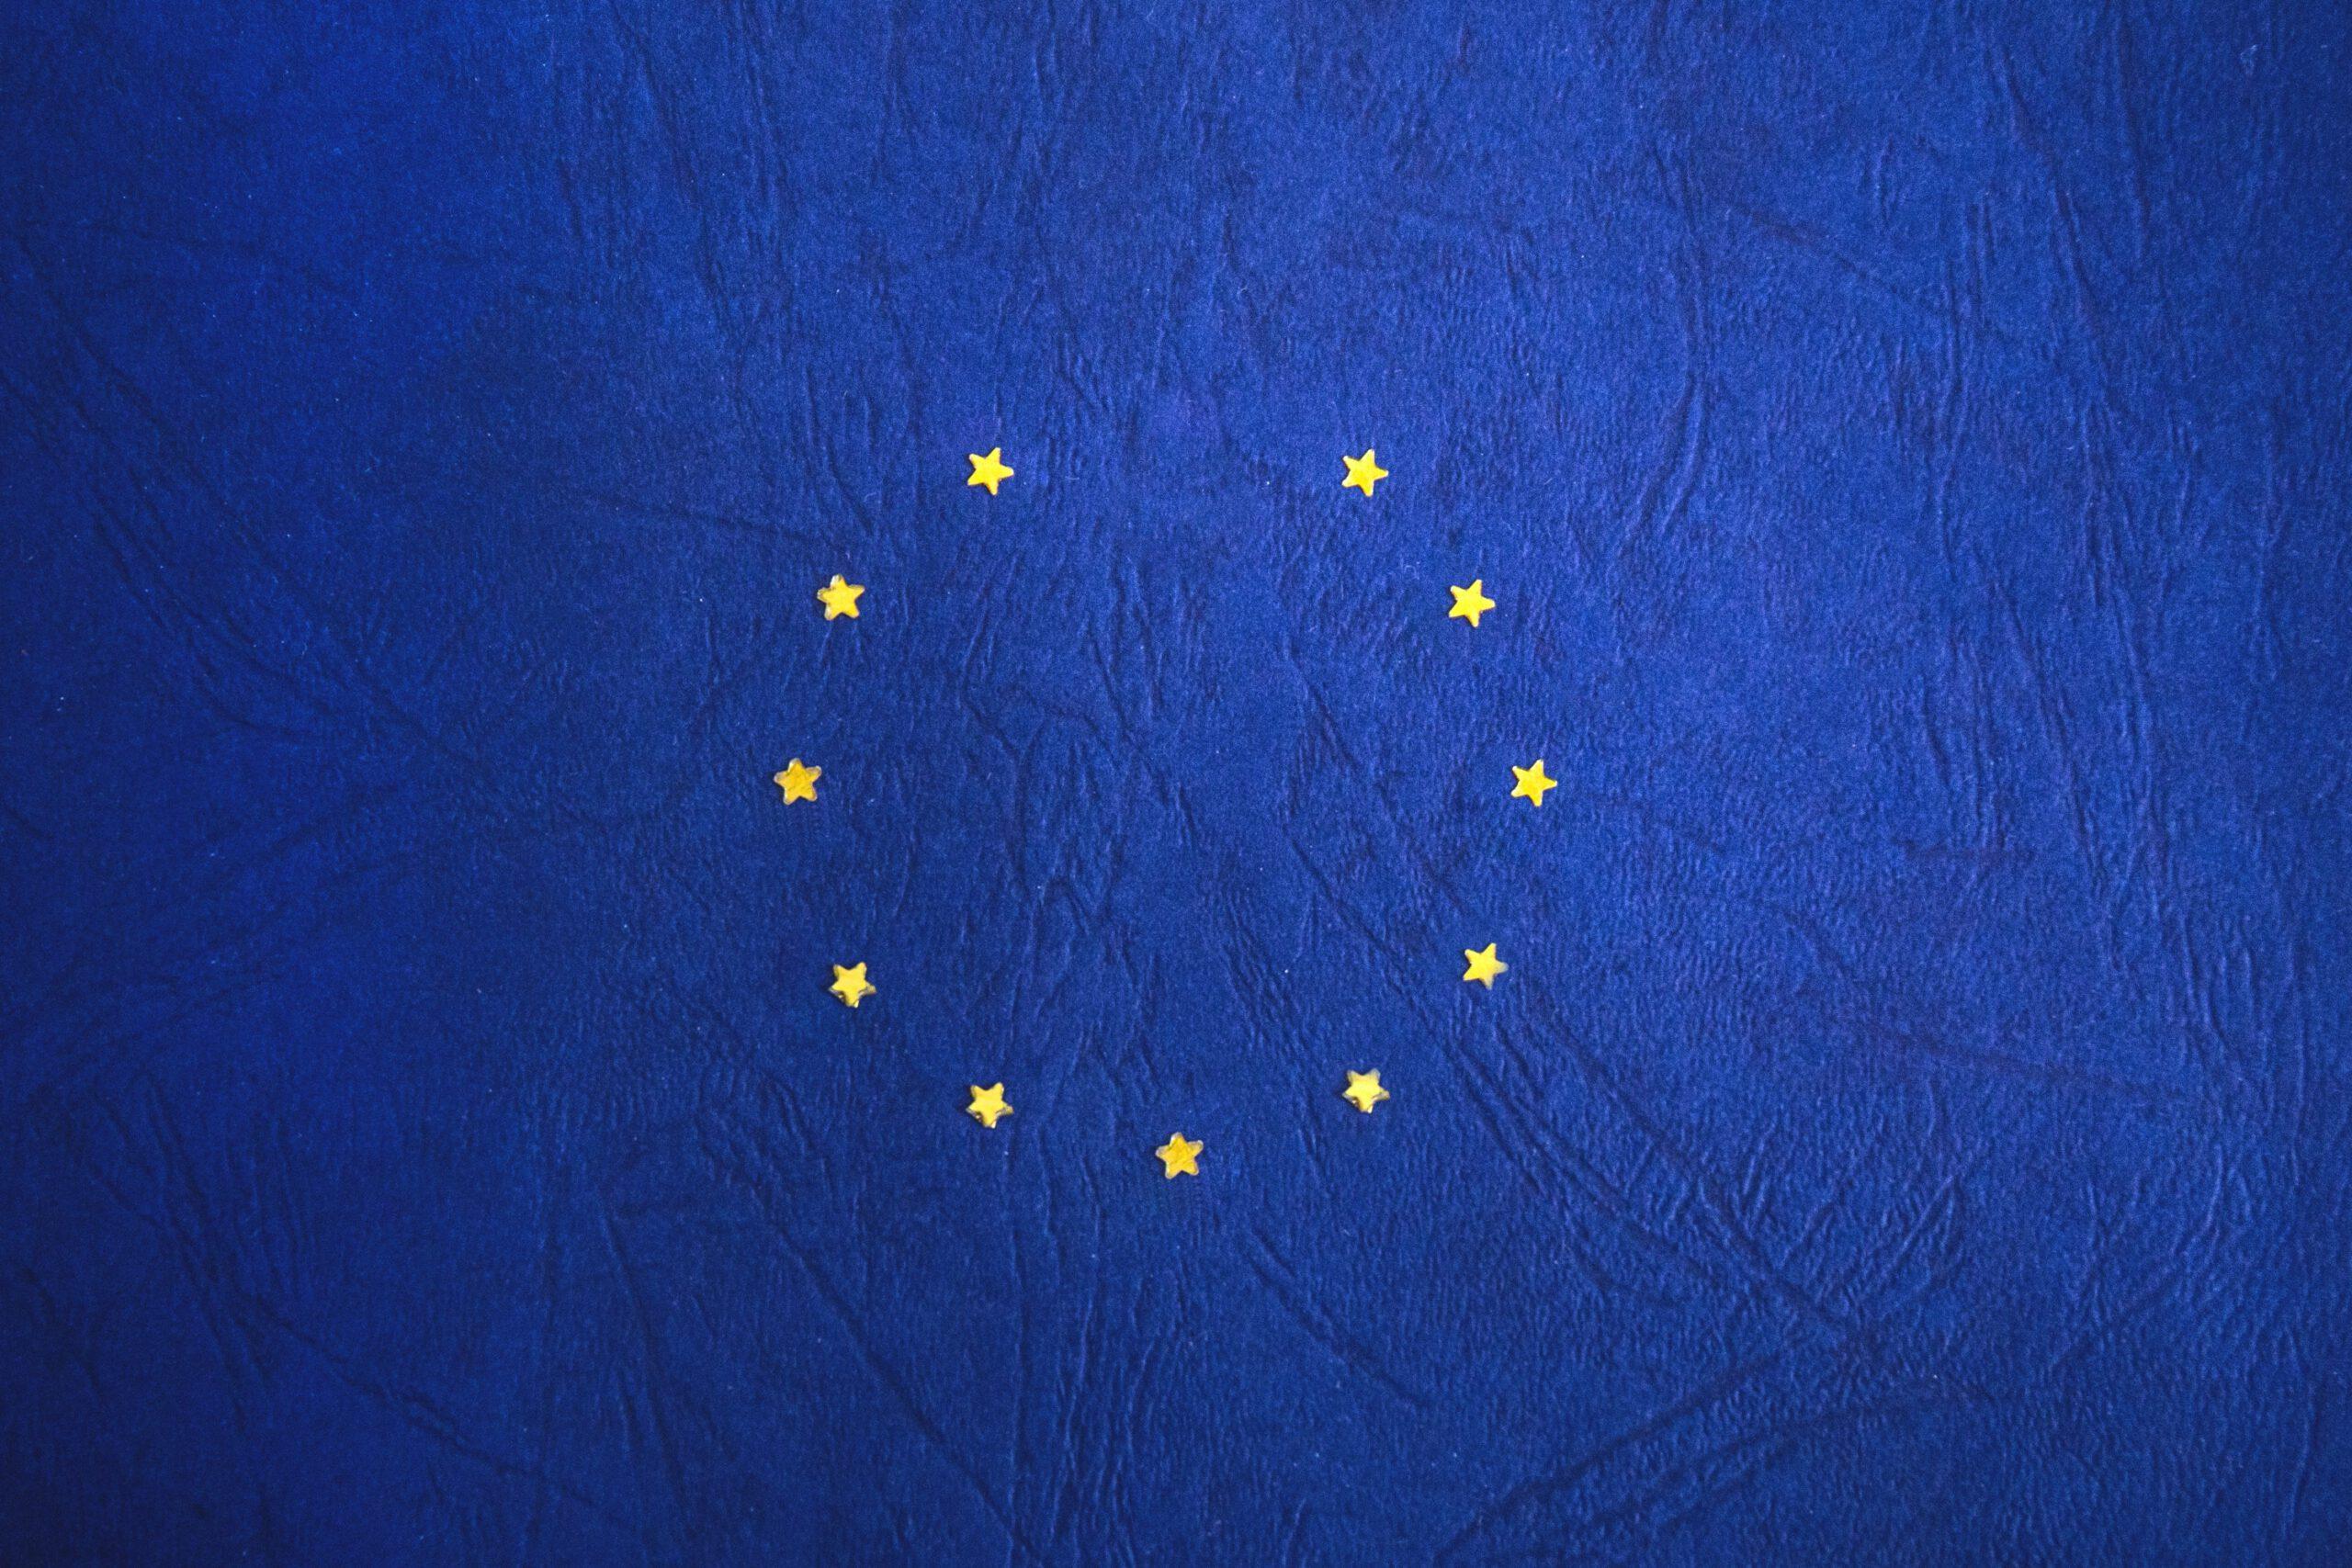 Nowe przepisy dla bezpiecznych i zgodnych z normami produktów na rynku UE